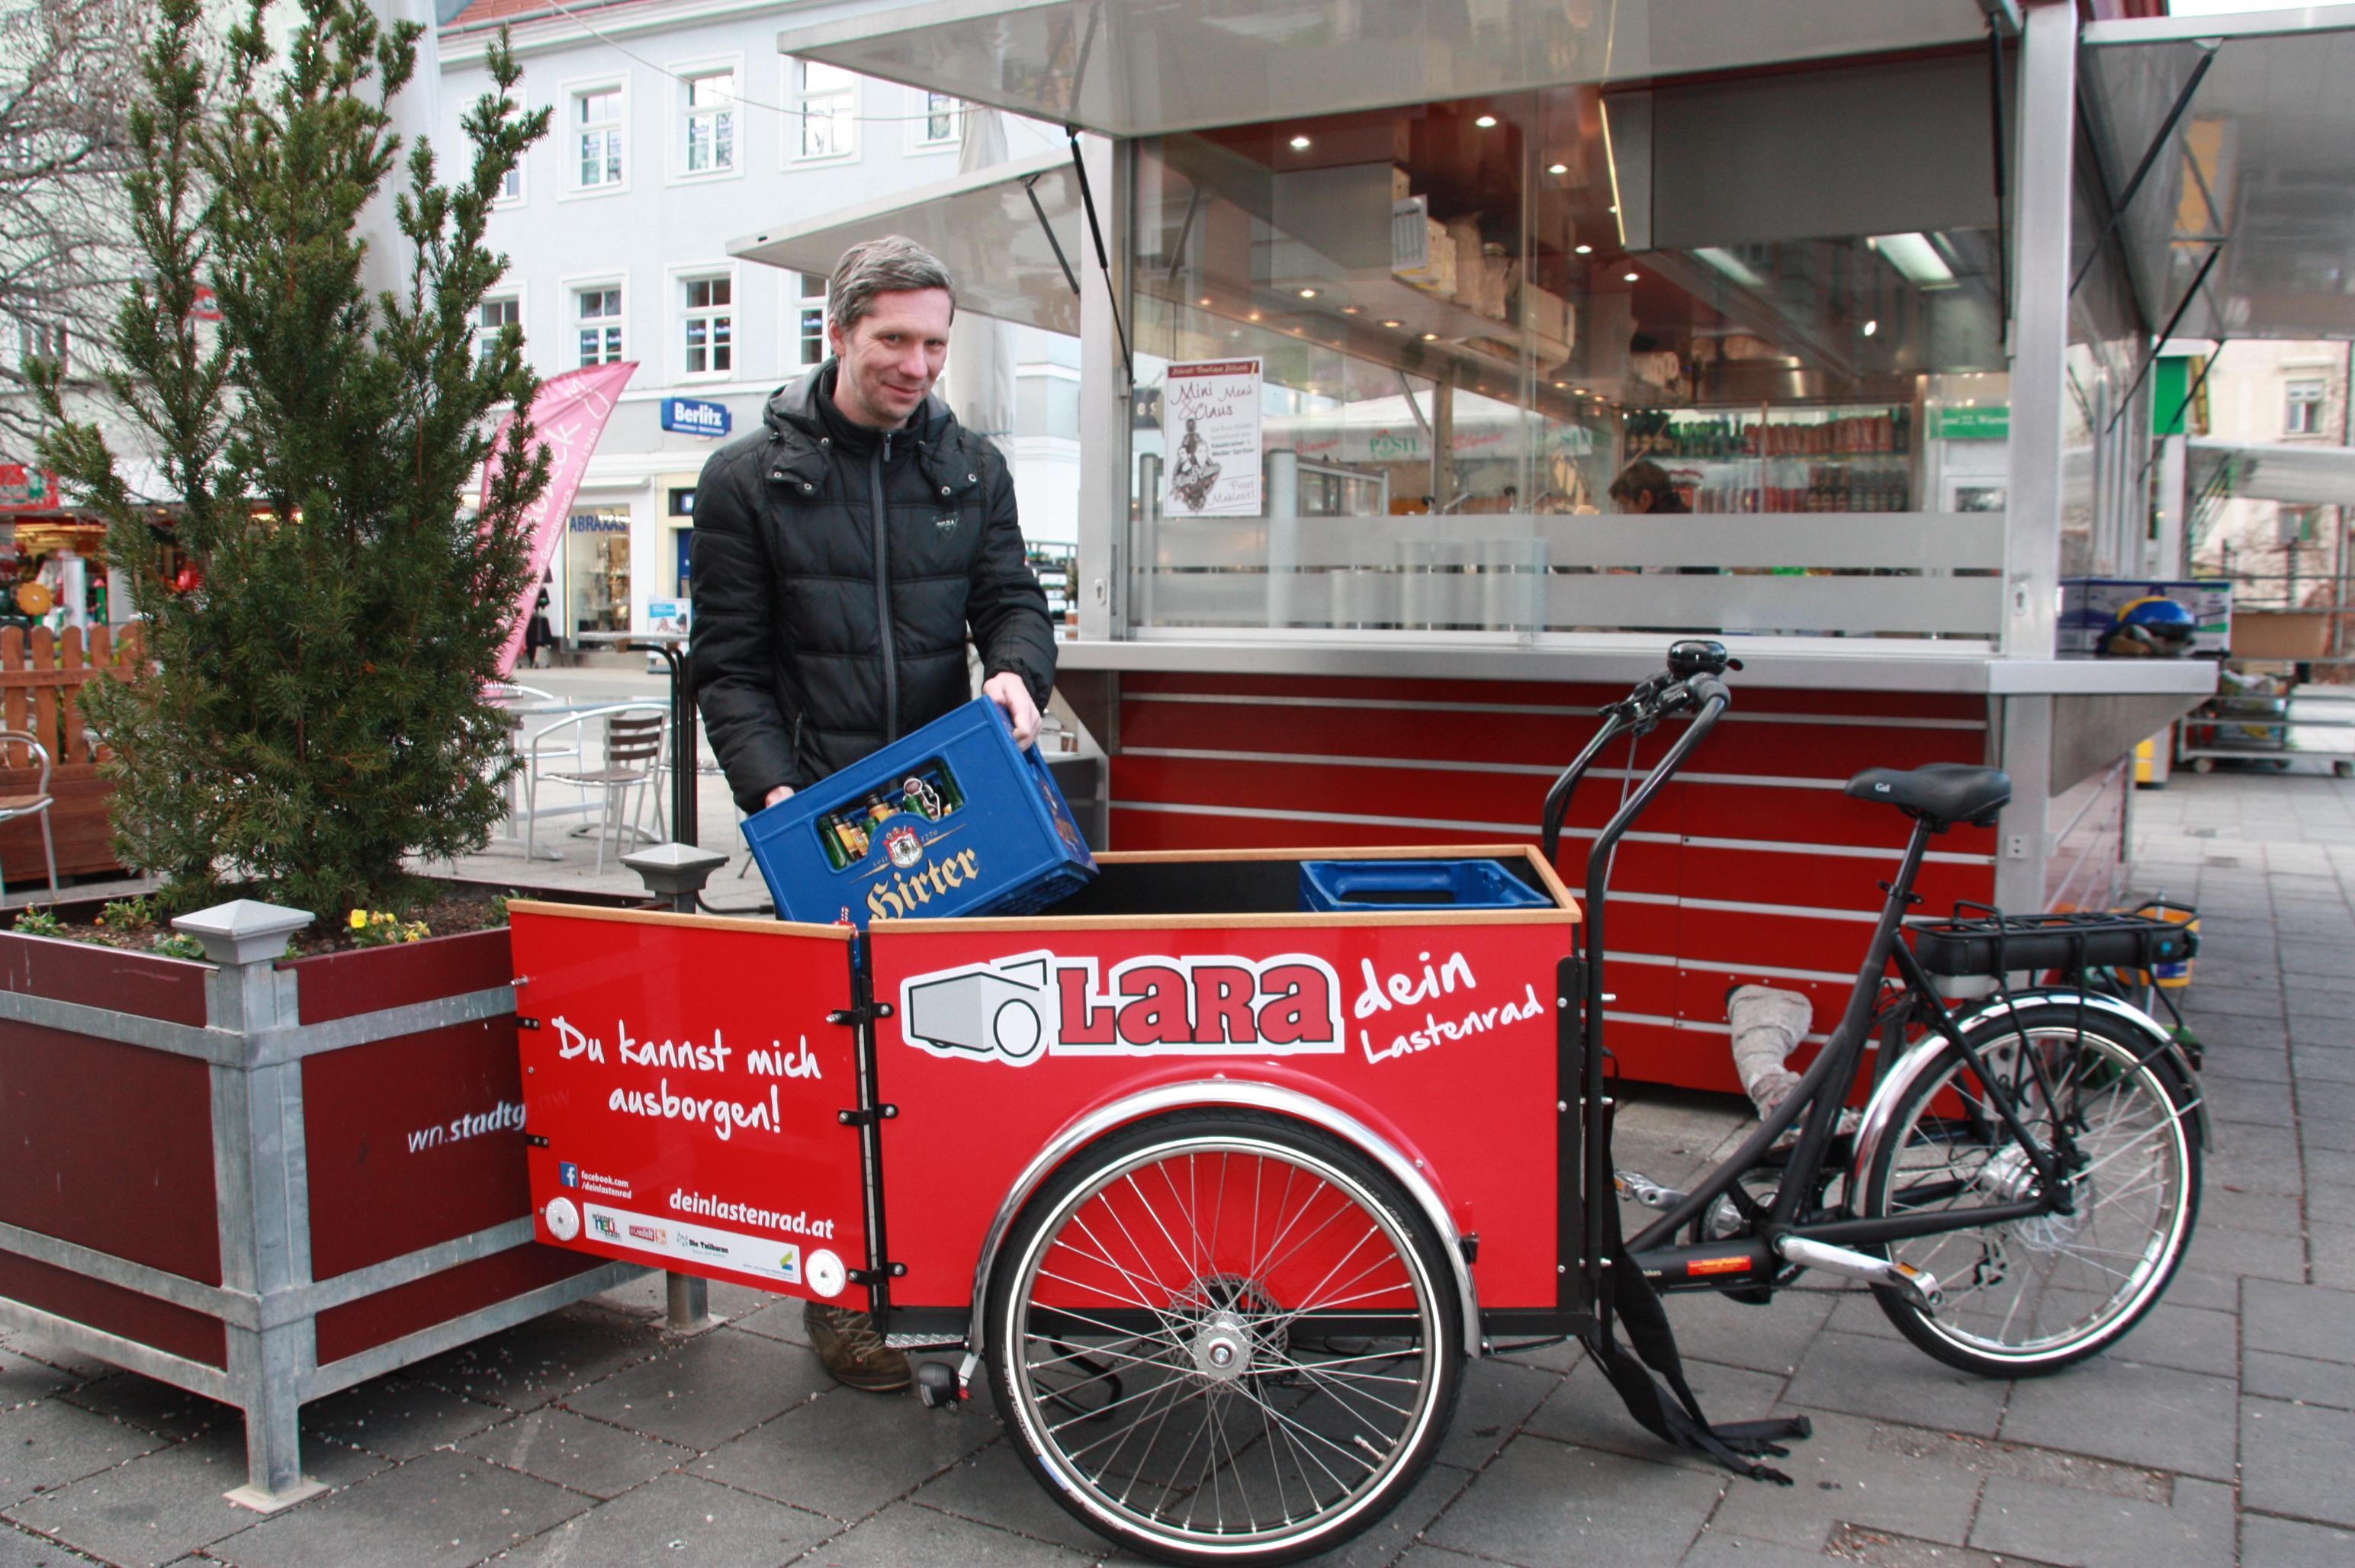 LaRa - dein Lastenrad - Öffentlicher Lastenradverleih in Wiener Neustadt